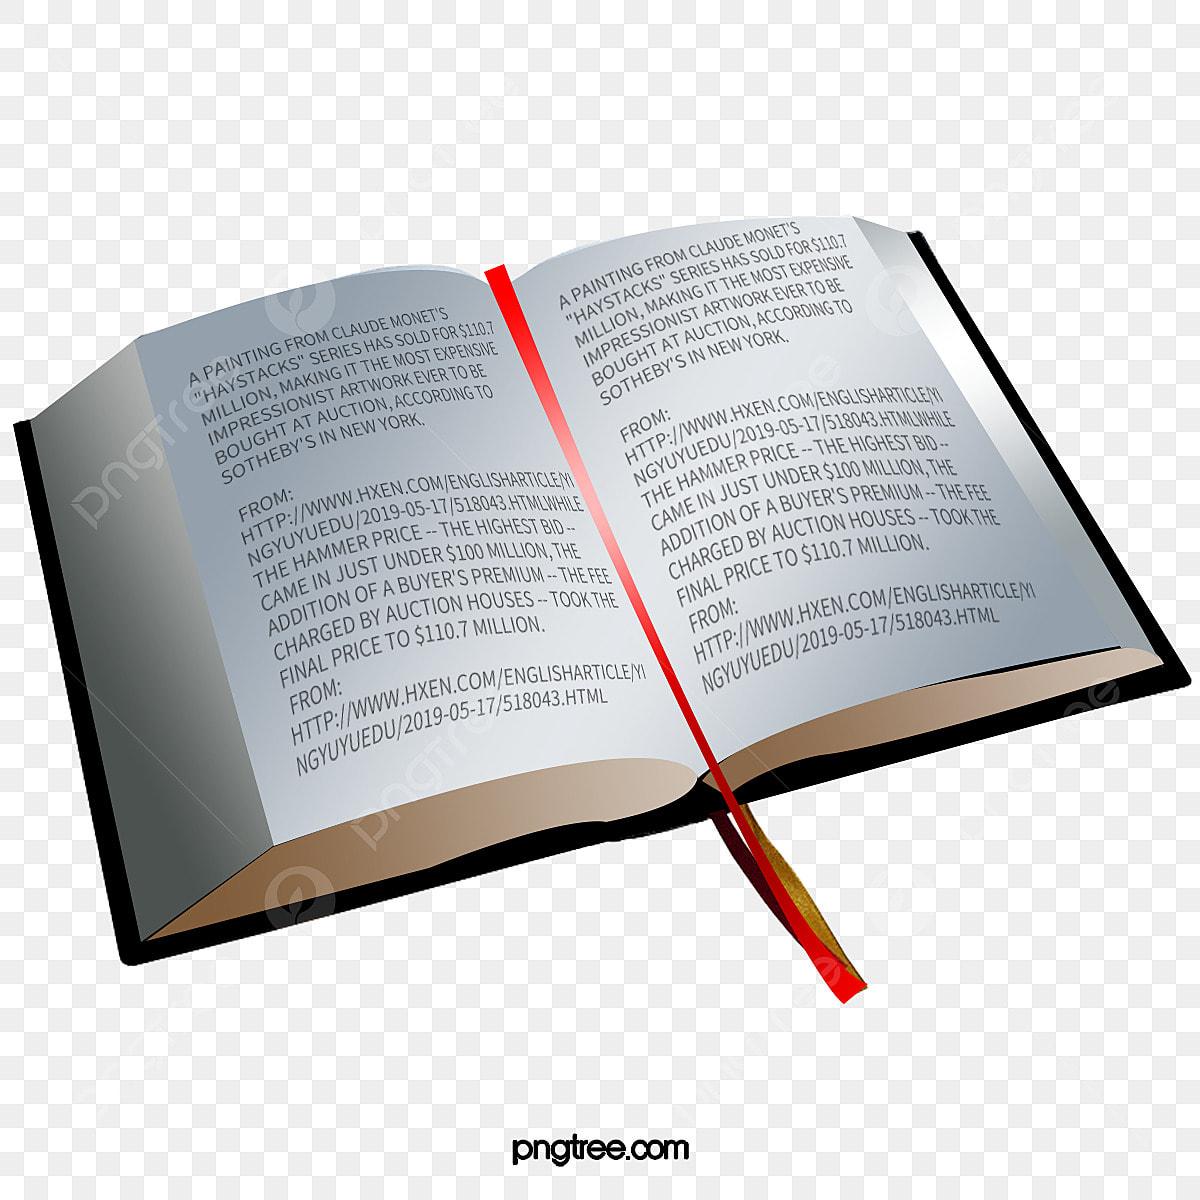 A Biblia De Cor Avermelhada A Biblia O Cristianismo Livros De Material Arquivo Png E Psd Para Download Gratuito